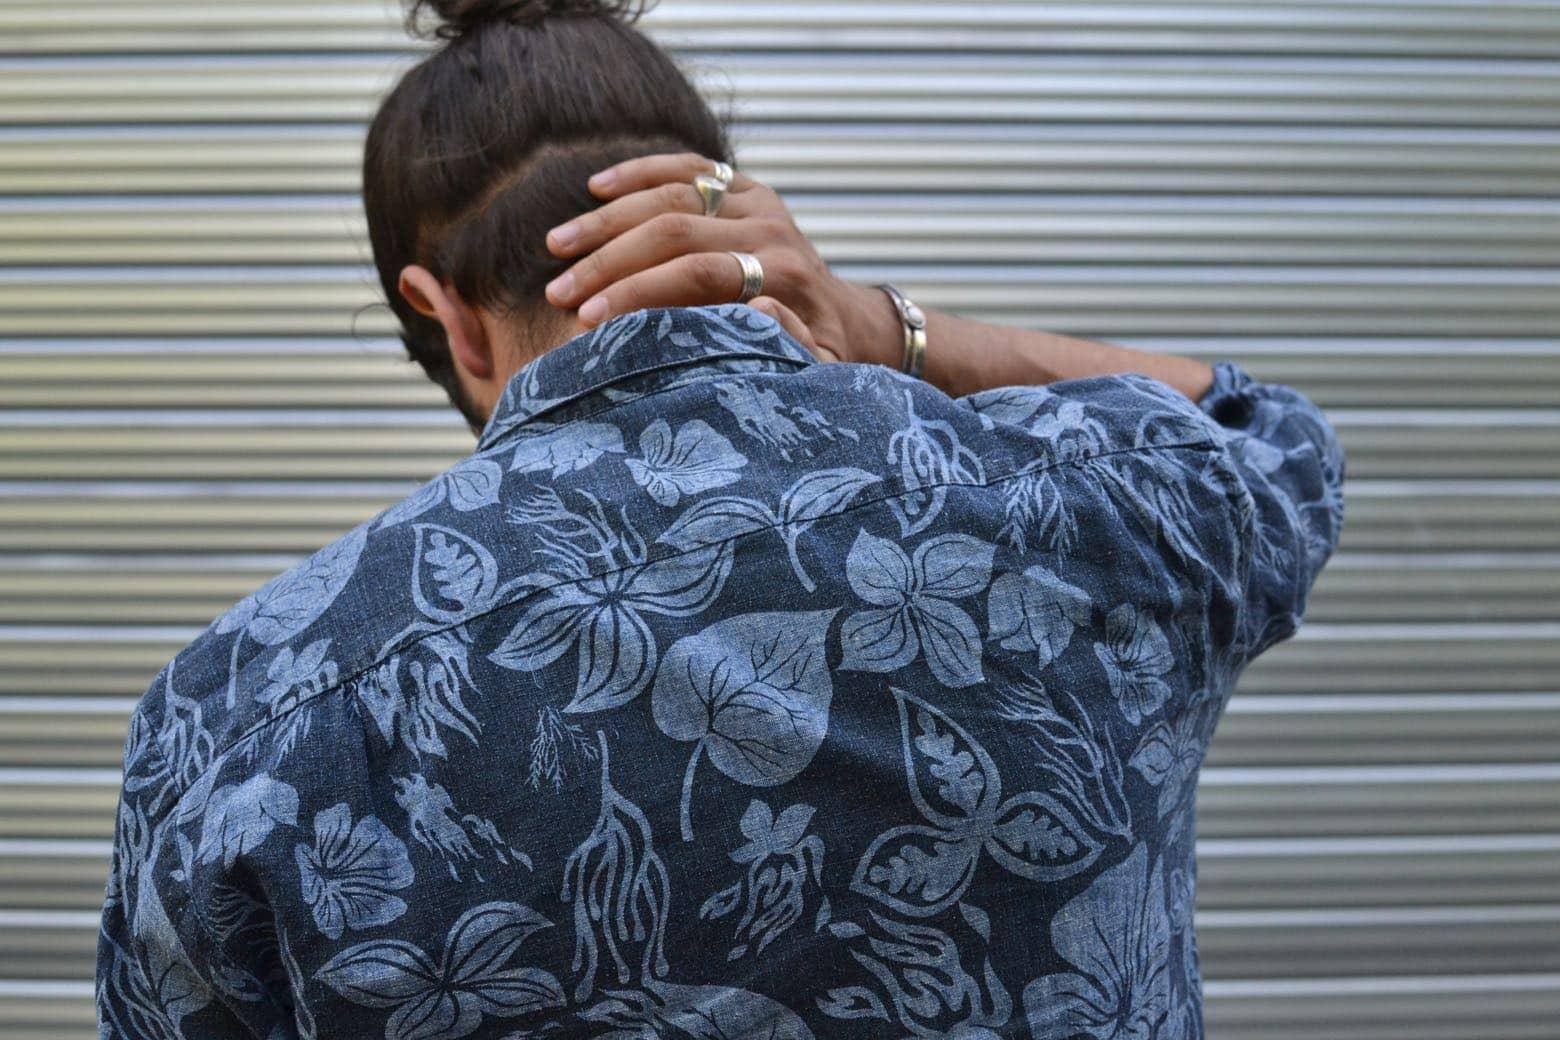 comment porter une chemise à motif ) conseil style pour homme